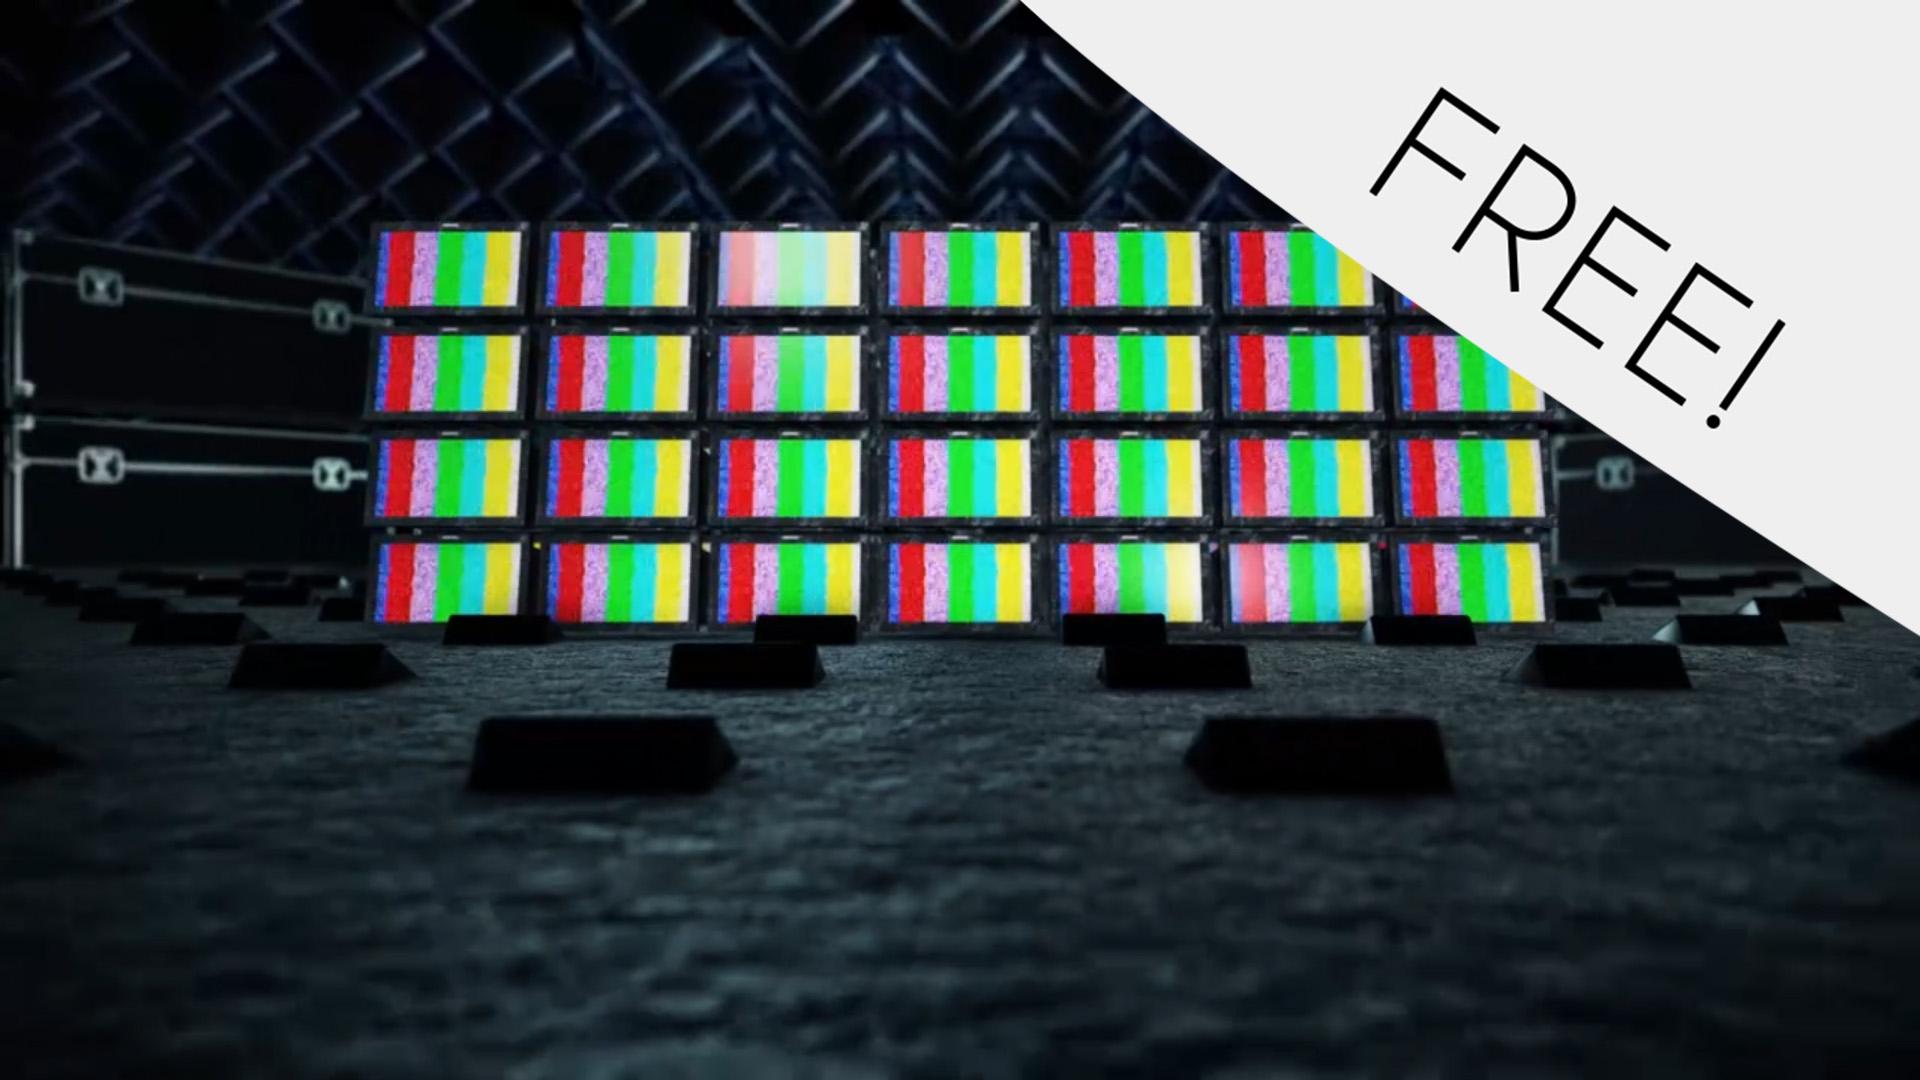 TV Rooms – Free VJ Loop